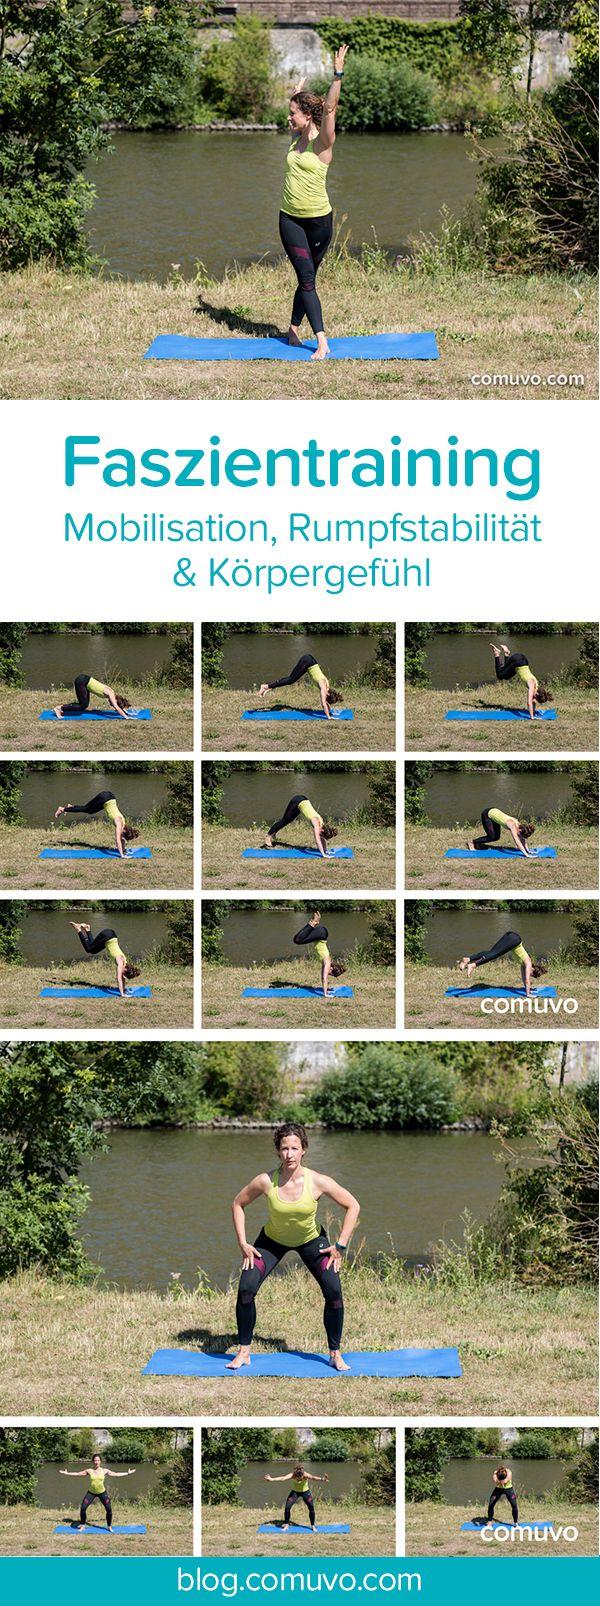 Faszientraining ohne Geräte – Mobilisation, Rumpfstabilität & Körpergefühl   6 einfache Übungen aus dem Faszientraining, die sich gezielt auf die Beweglichkeit der Wirbelsäule, die Stärkung der Körpermitte und ein verbessertes Körpergefühl richten.  #Workout